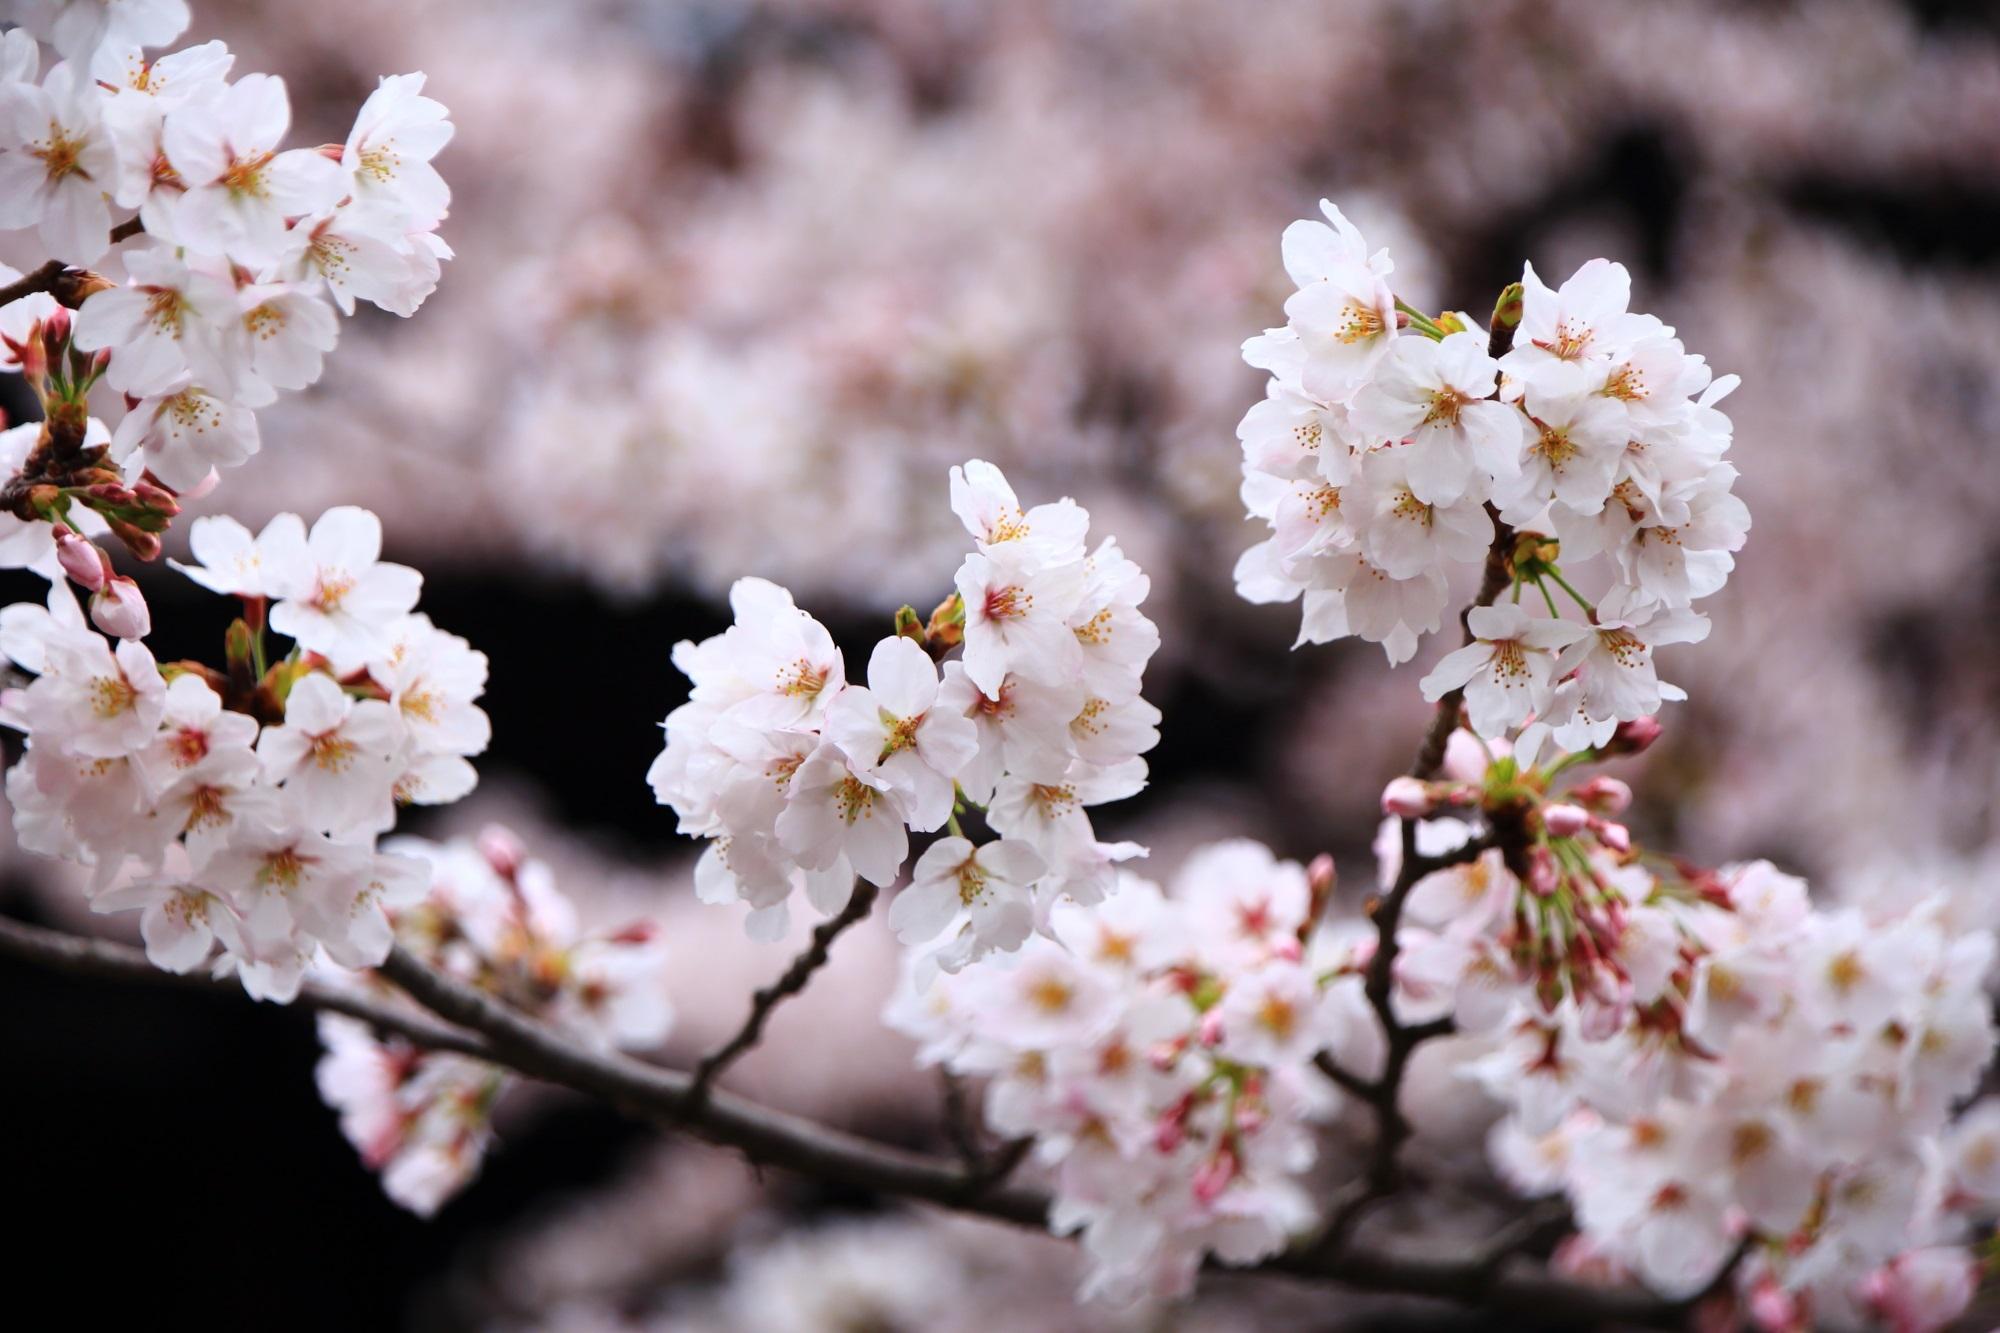 淡い春色につつまれる街中にある立本寺(りゅうほんじ)